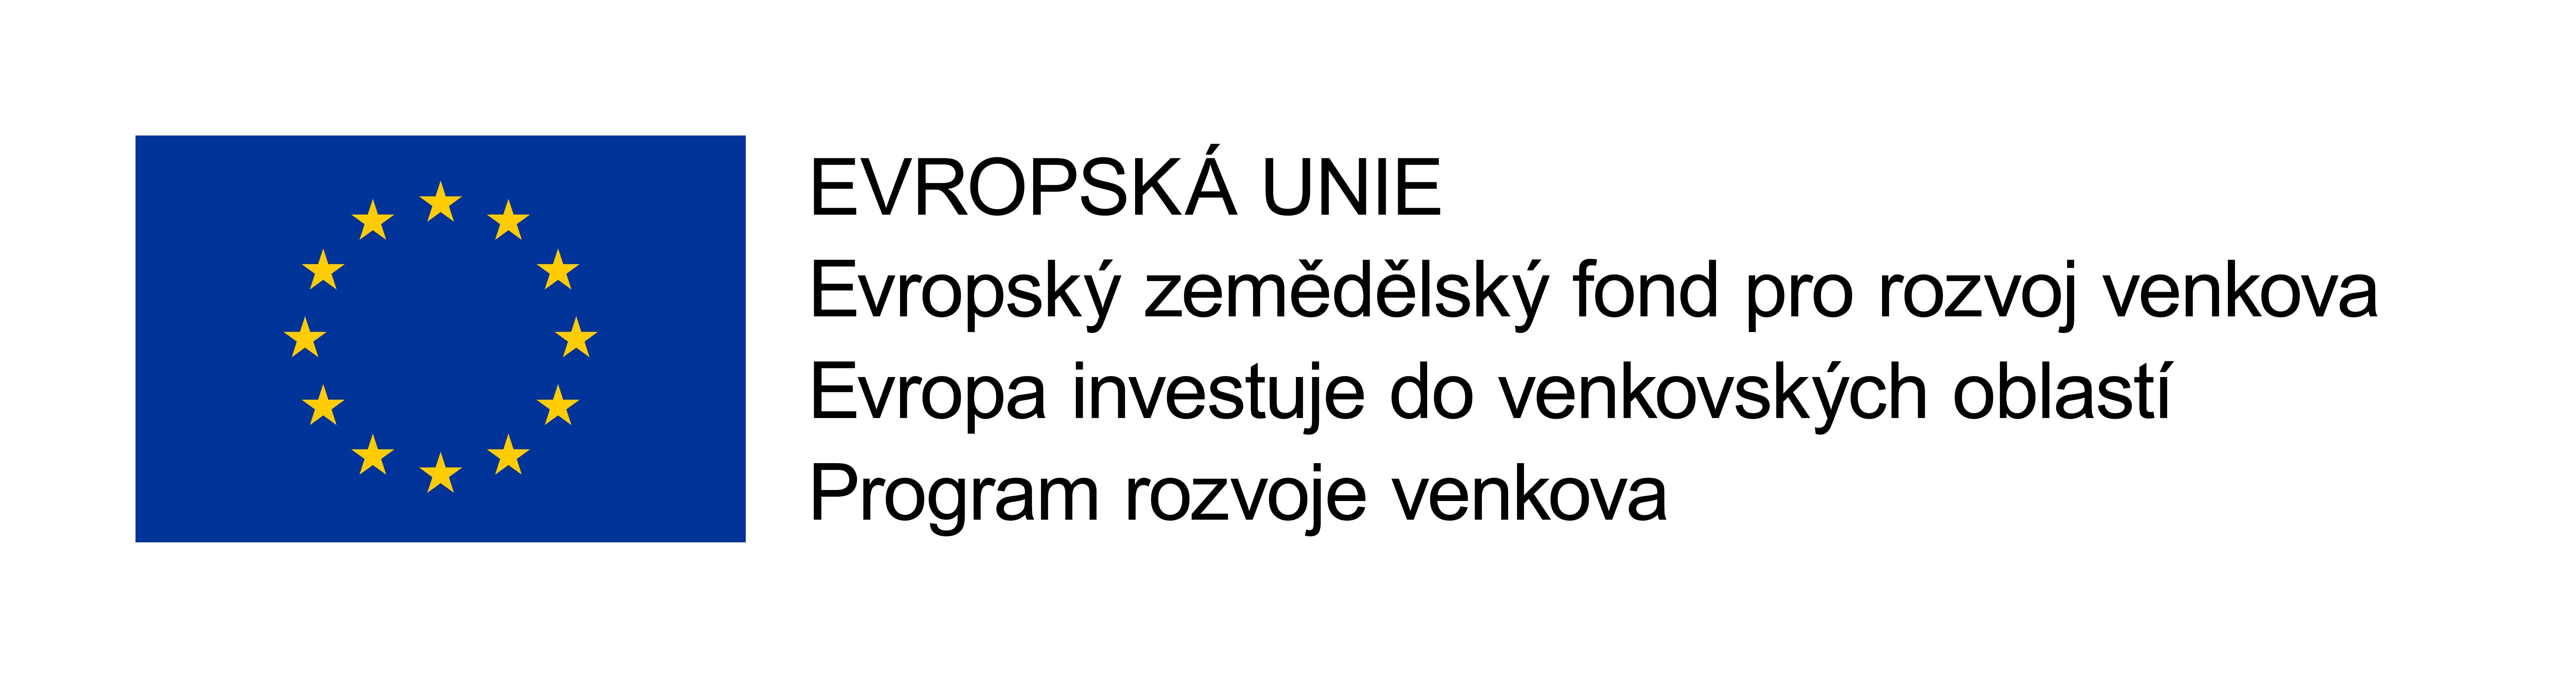 https://eagri.cz/public/web/file/465639/logo_EU.jpg